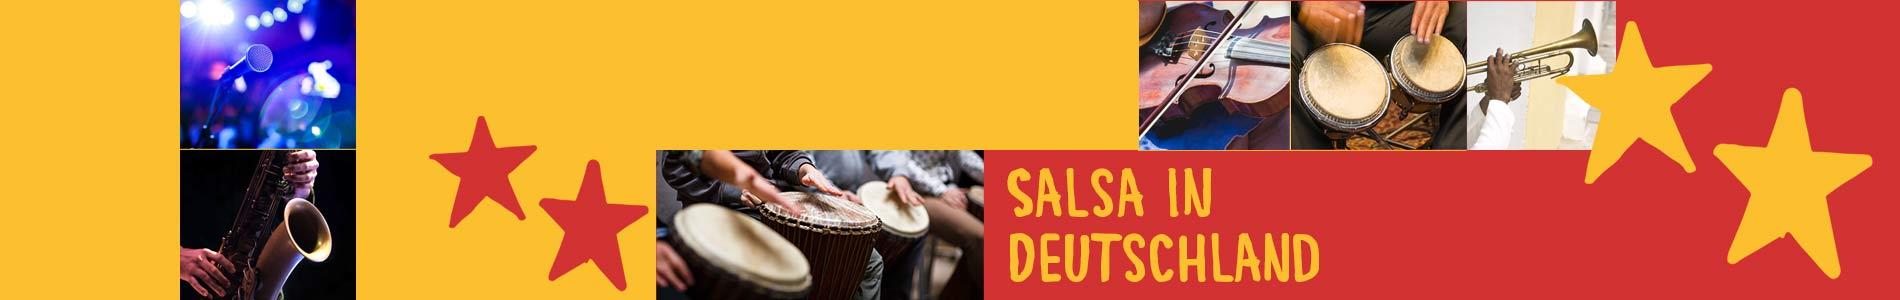 Salsa in Burglauer – Salsa lernen und tanzen, Tanzkurse, Partys, Veranstaltungen